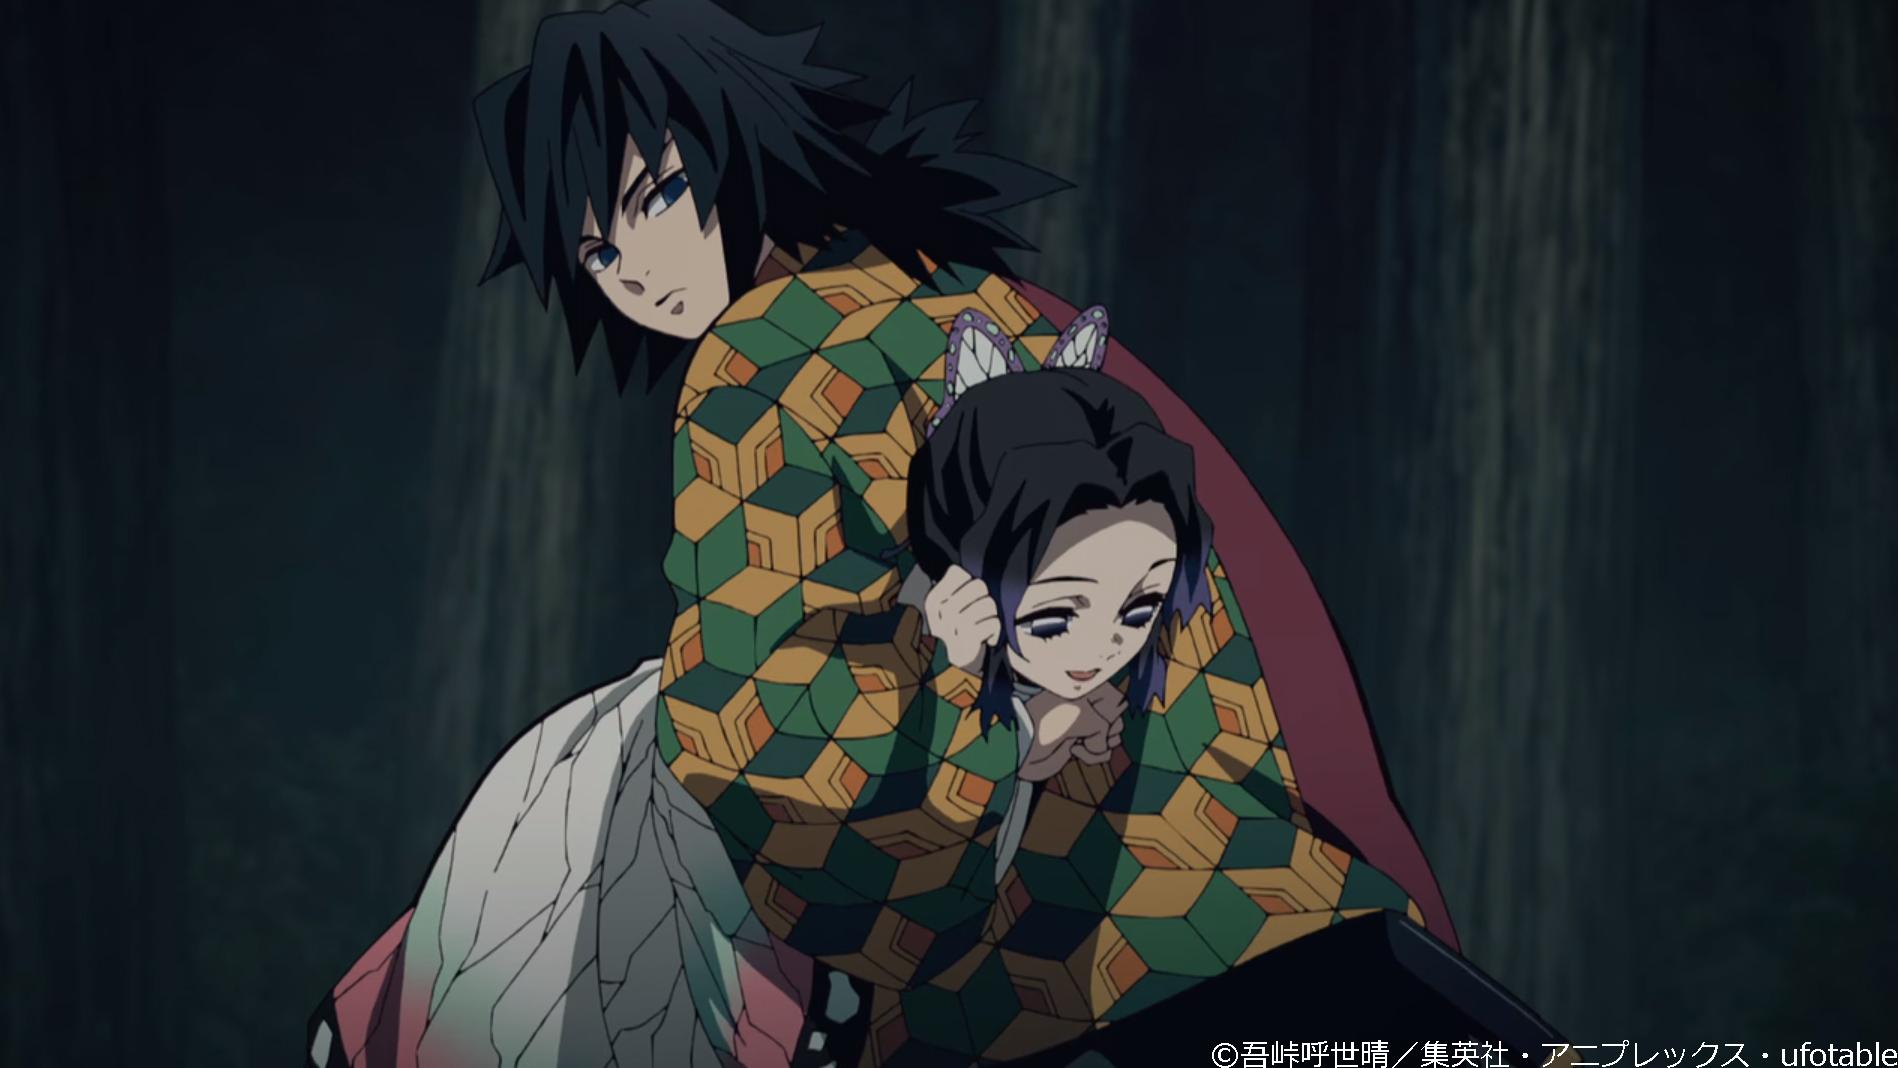 鬼滅の刃アニメ20話胡蝶しのぶ冨岡義勇